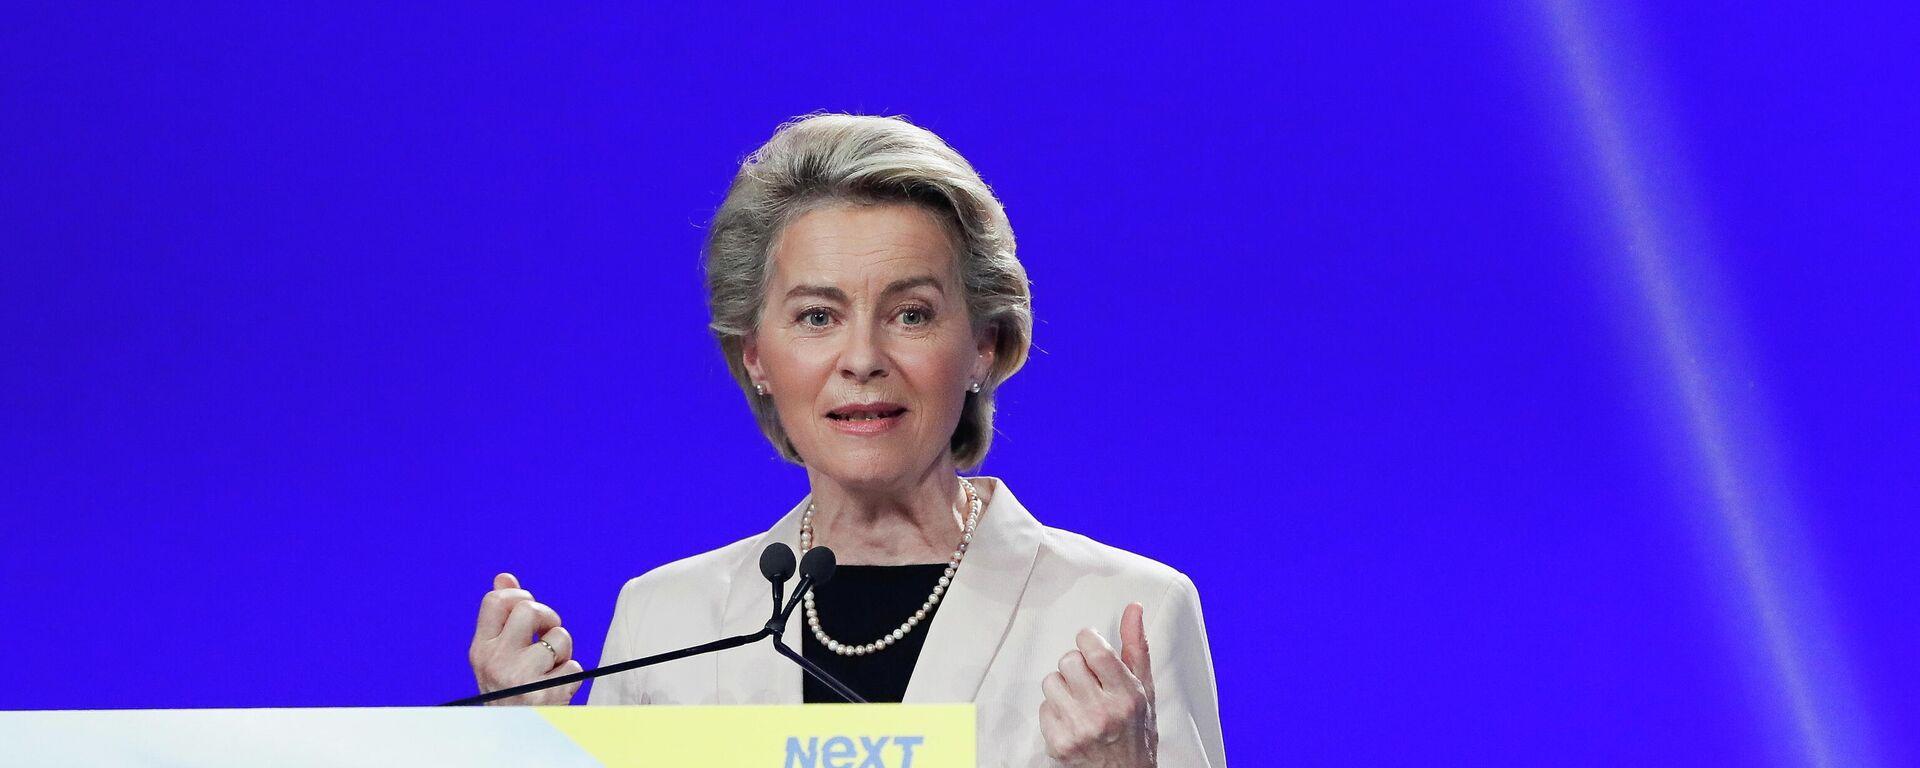 Die Präsidentin der Europäischen Kommission, Ursula von der Leyen - SNA, 1920, 23.06.2021